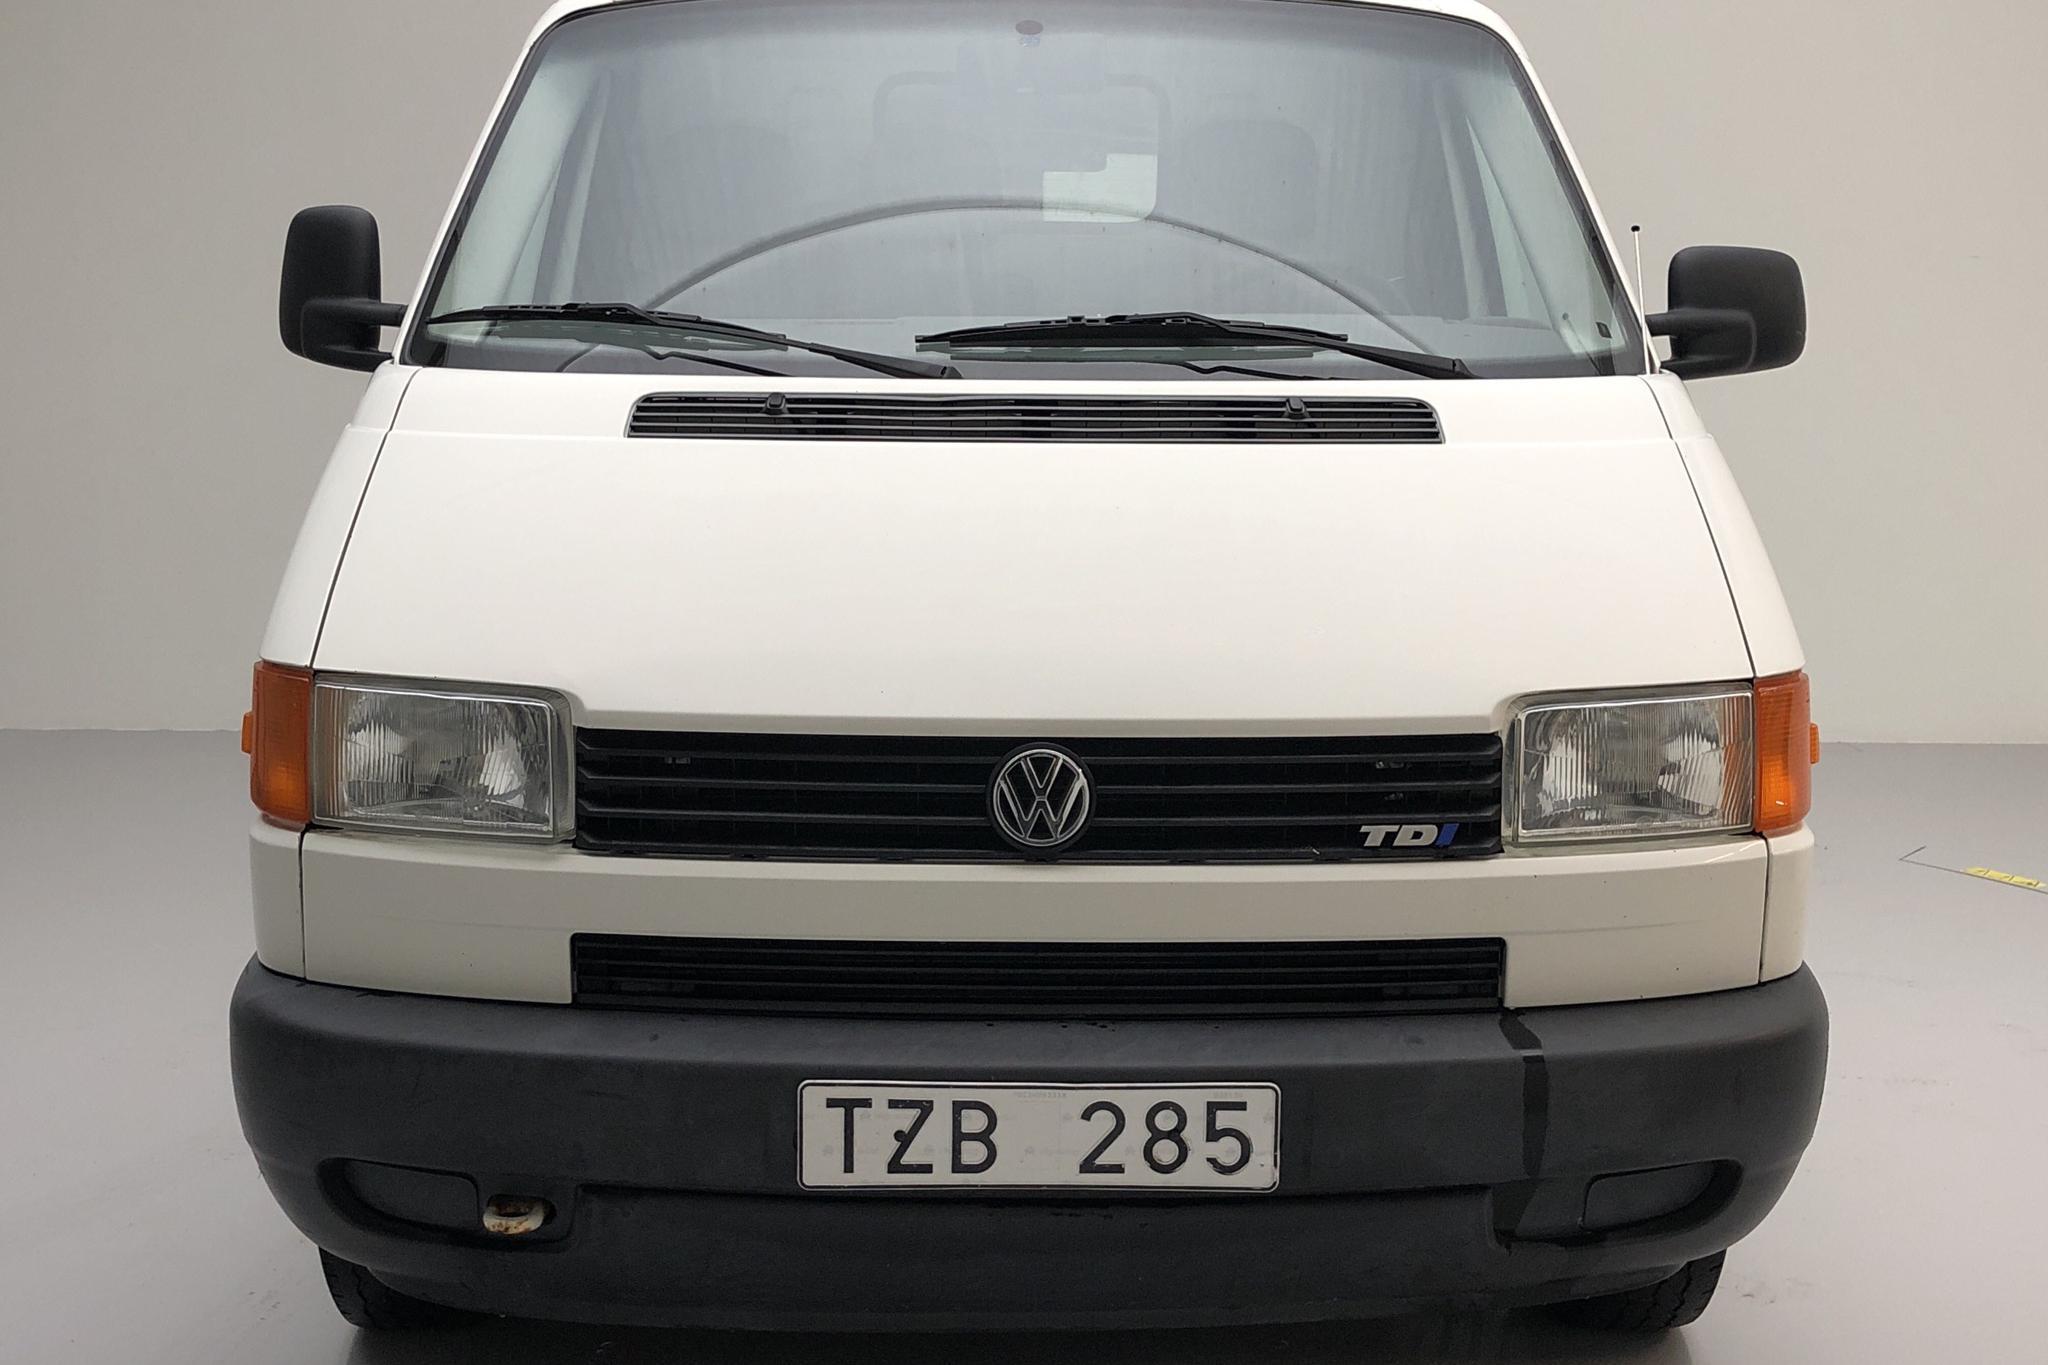 VW Transporter T4 2.5 TDI (88hk) - 12 182 mil - Manuell - vit - 2003